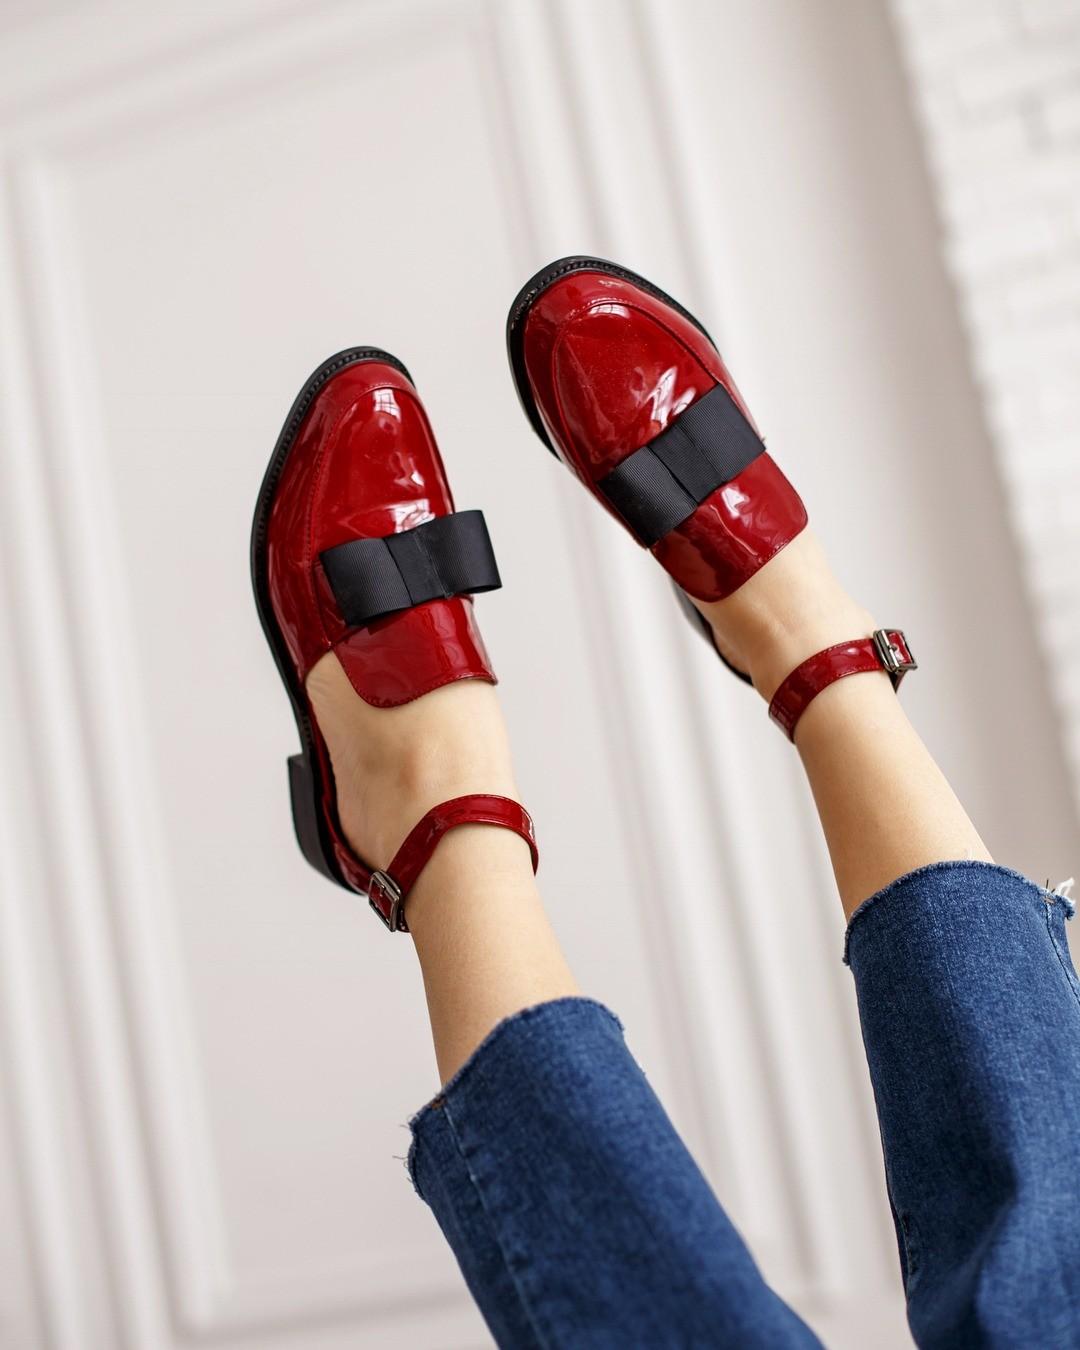 Обувь безкаблука - идеальный вариант, если вновогоднюю ночь ты хочешь веселиться доутра. Остроносые лоферы, кожаные броги, лакированные оксфорды - любая изэтих пар может стать твоей и...